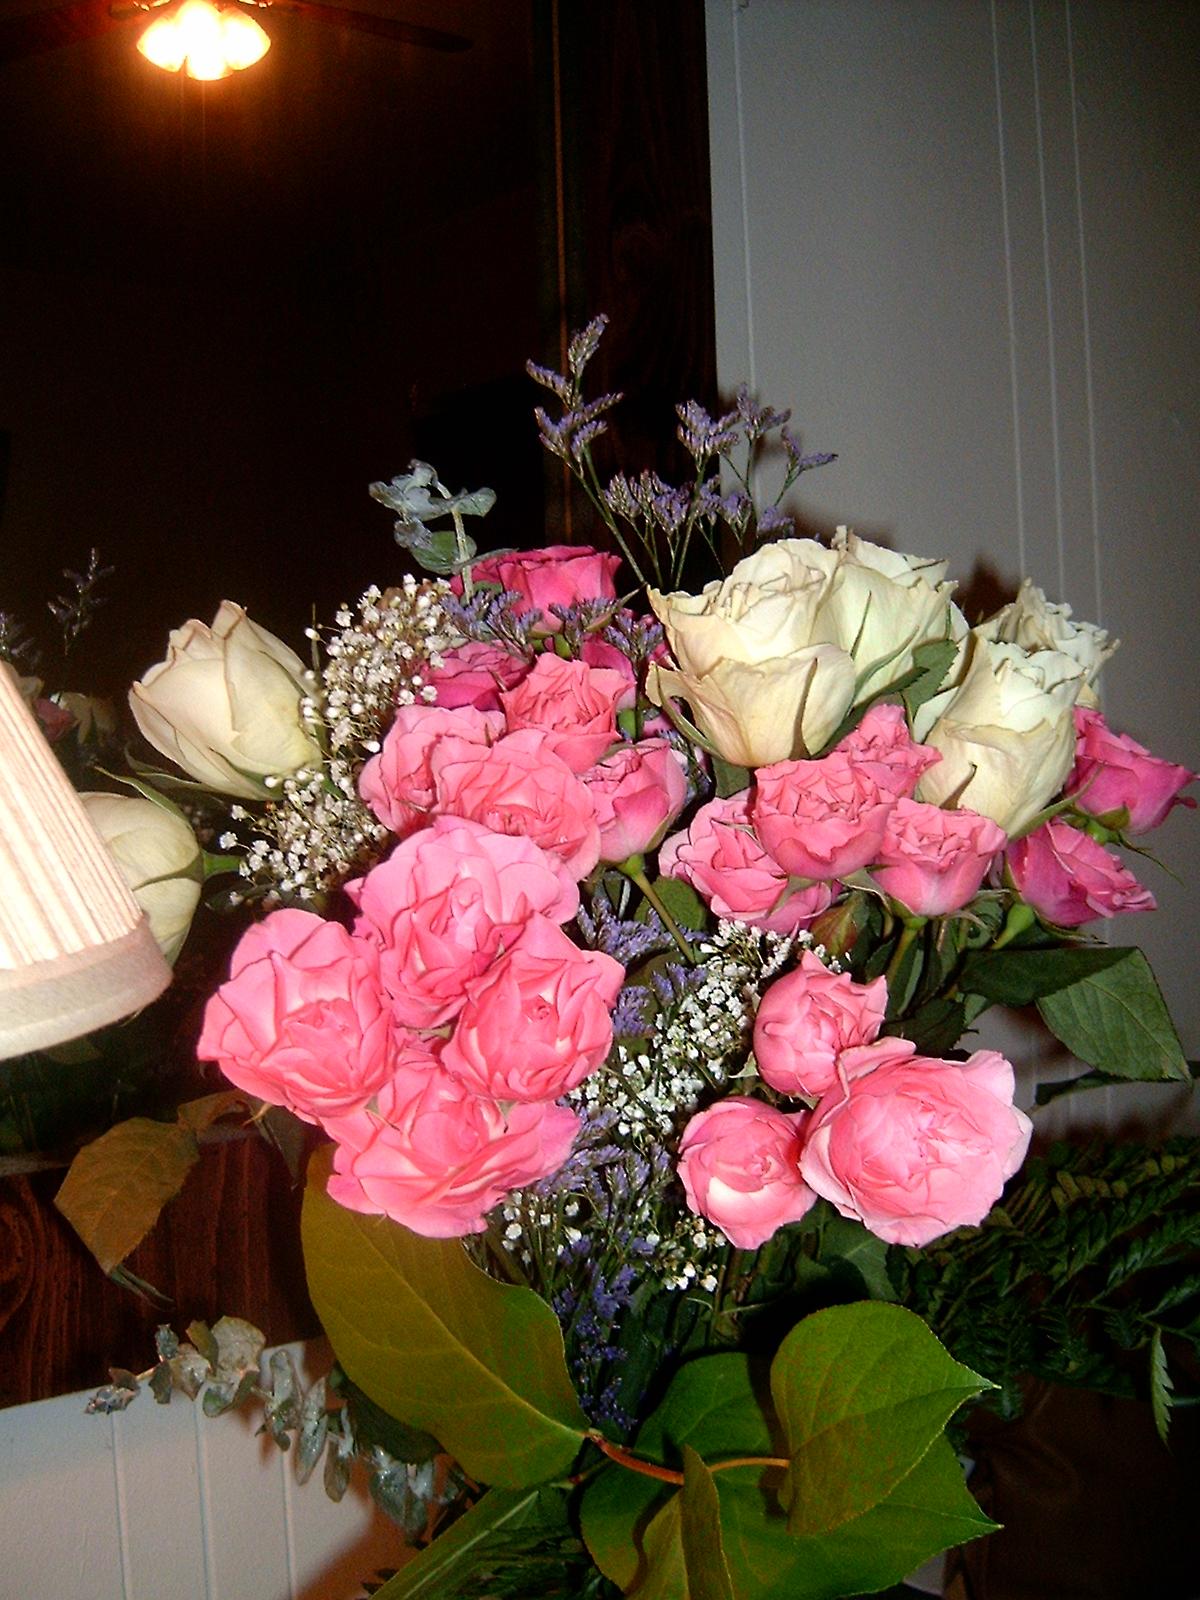 торта фото цветов на столе дома много лет ява